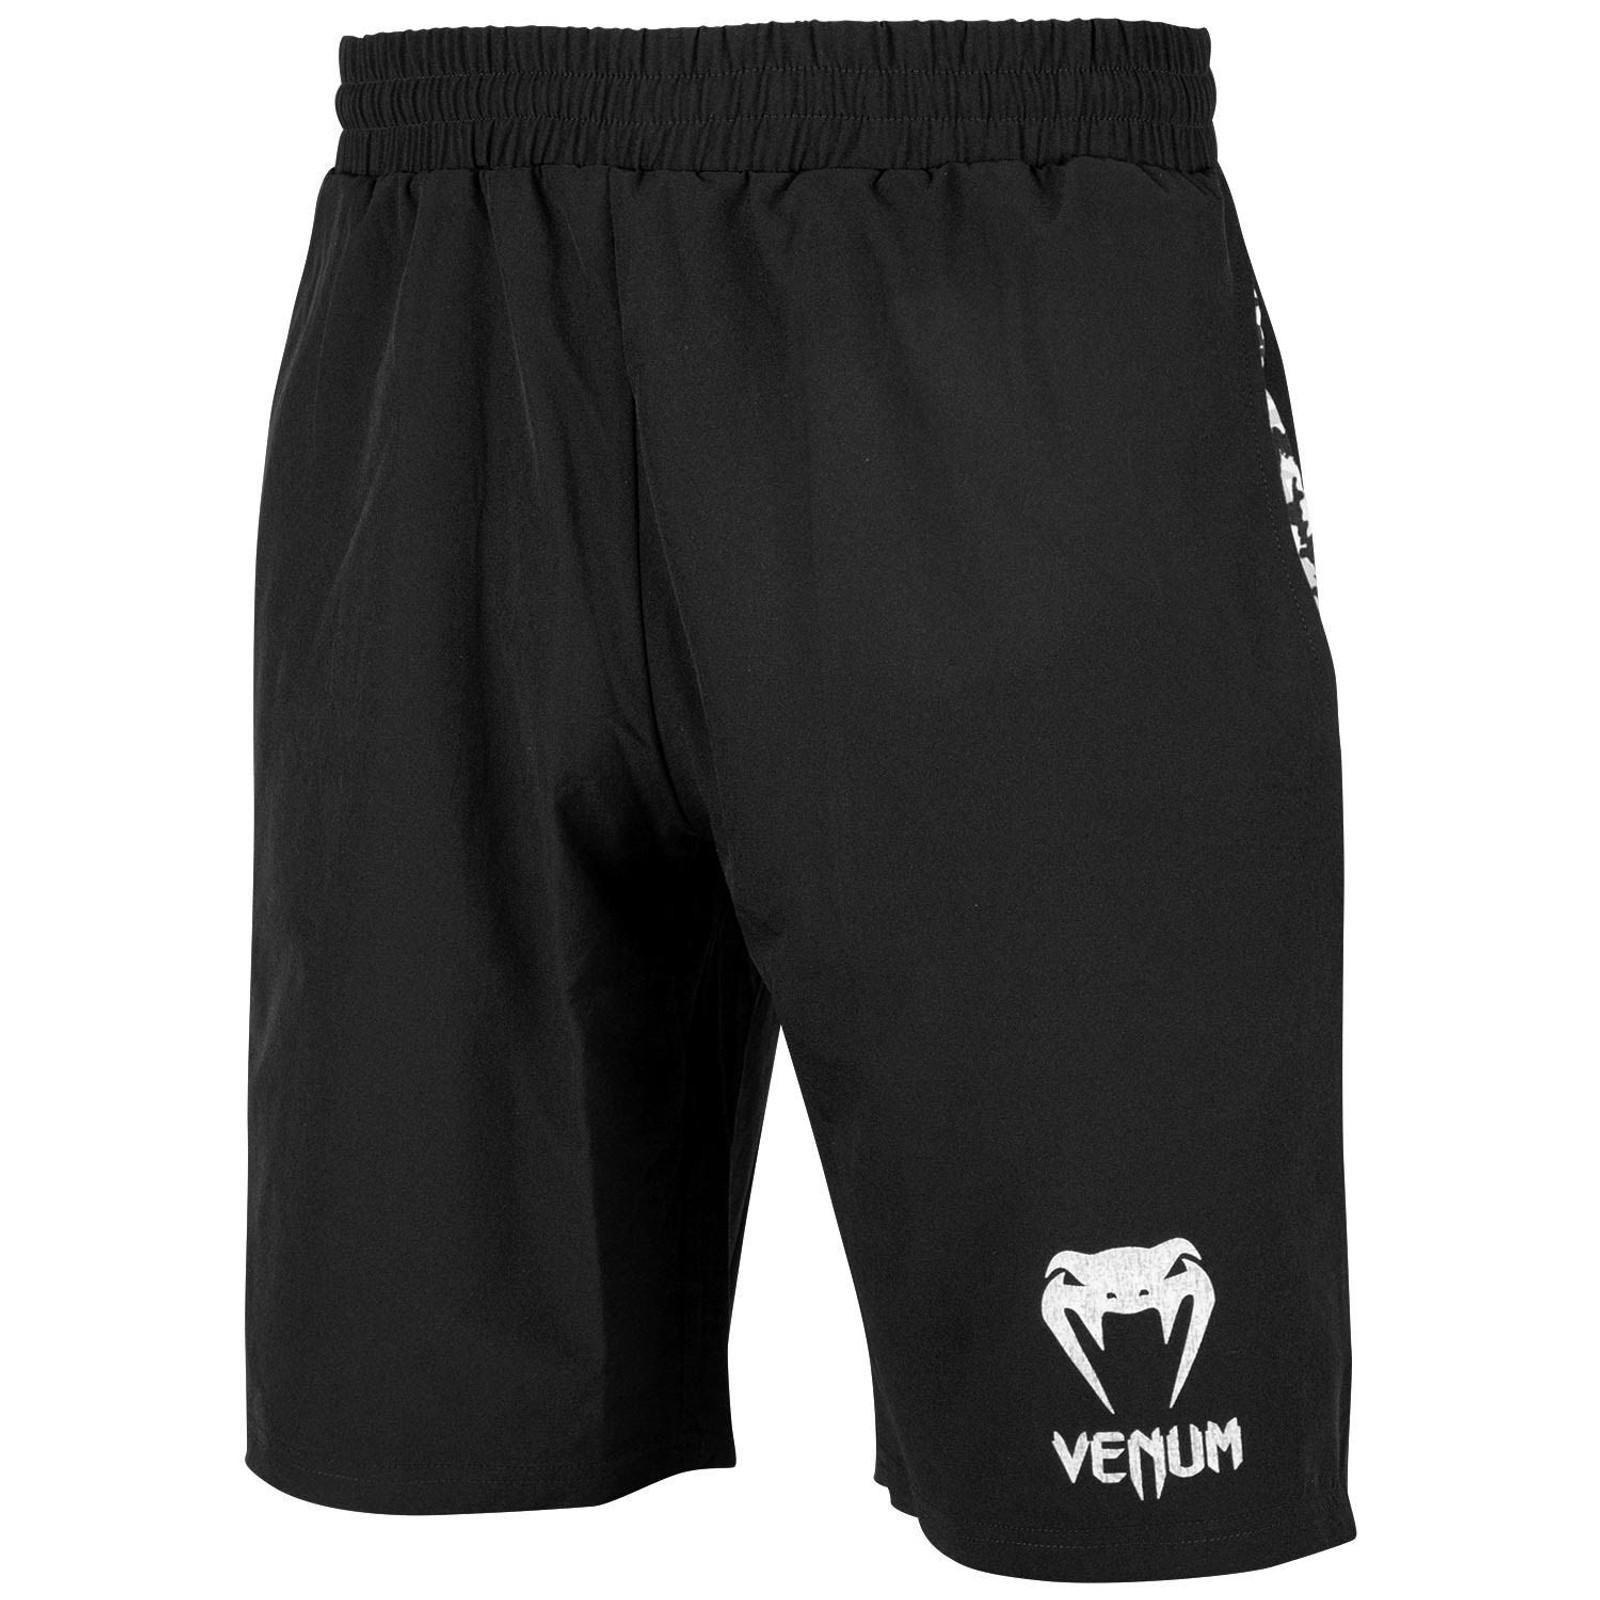 Venum Herren Training Shorts Classic